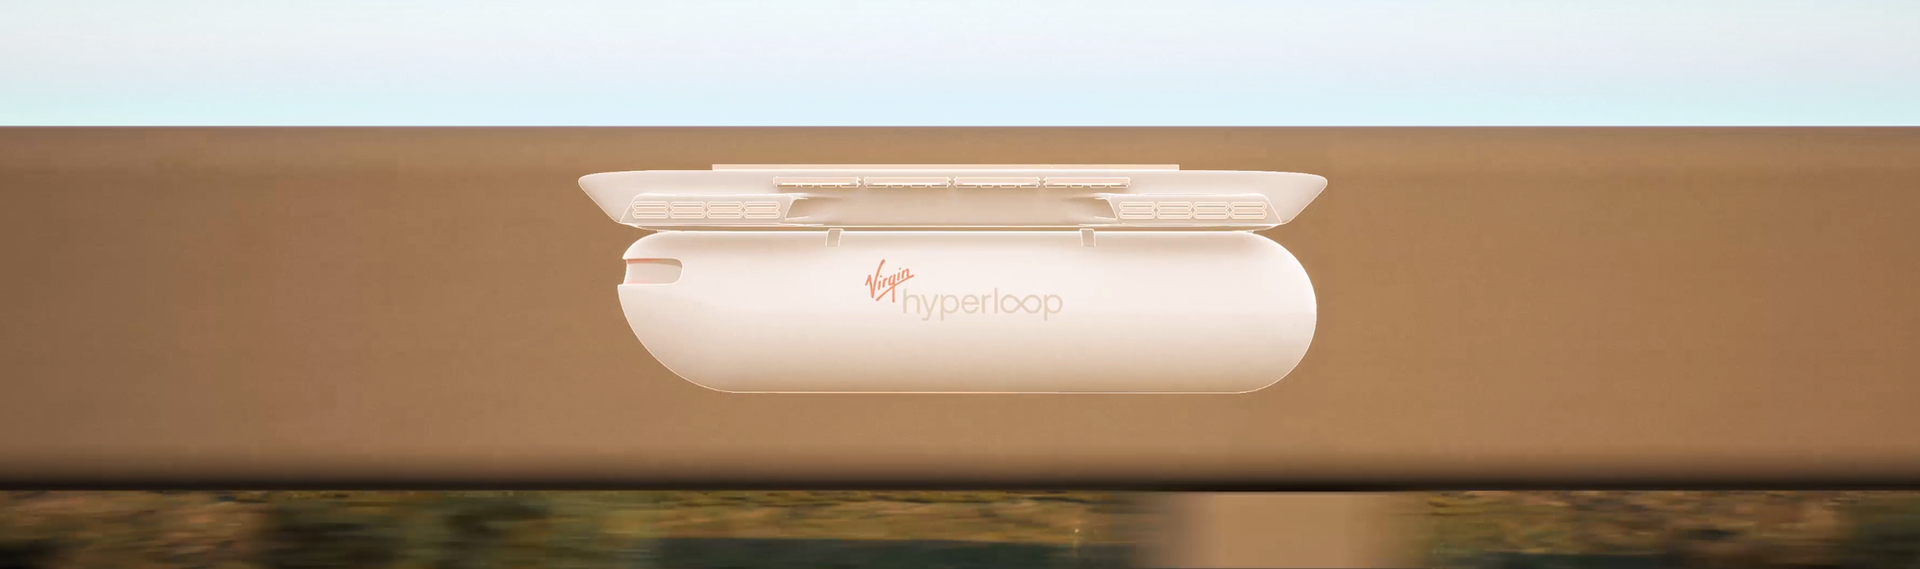 Teague x Virgin Hyperloop